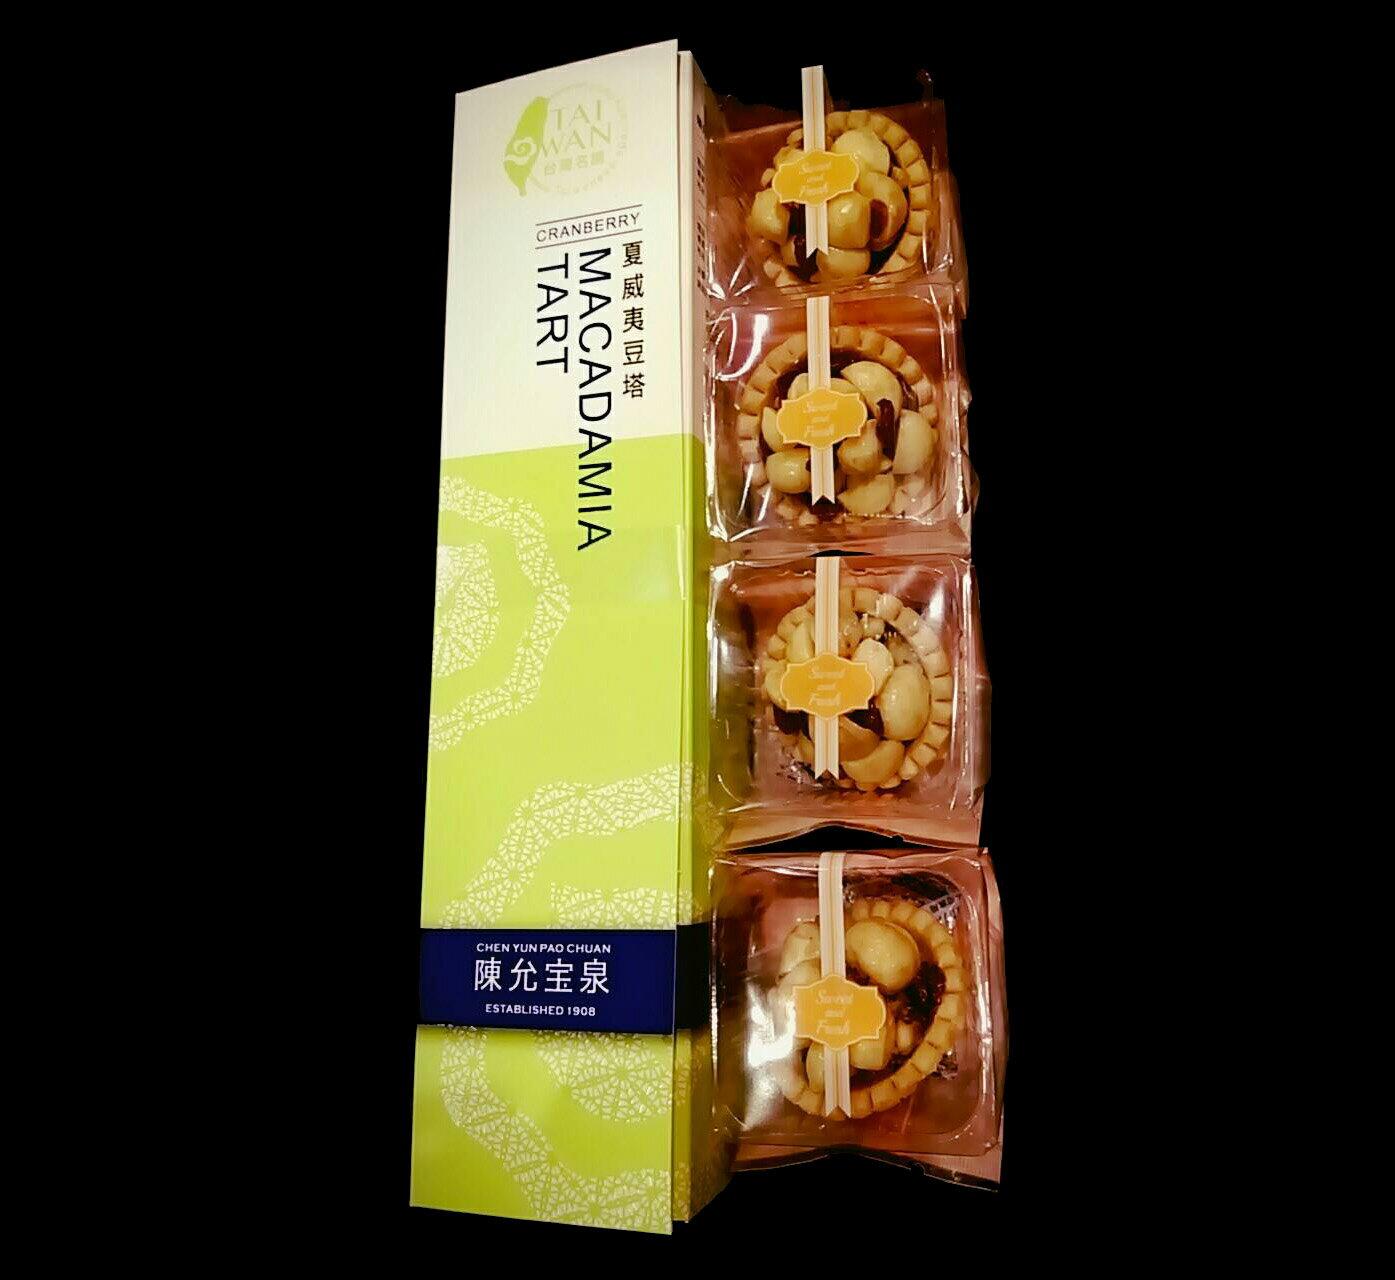 【台中伴手禮】夏威夷豆塔 / 精品甜點的送禮首選 0